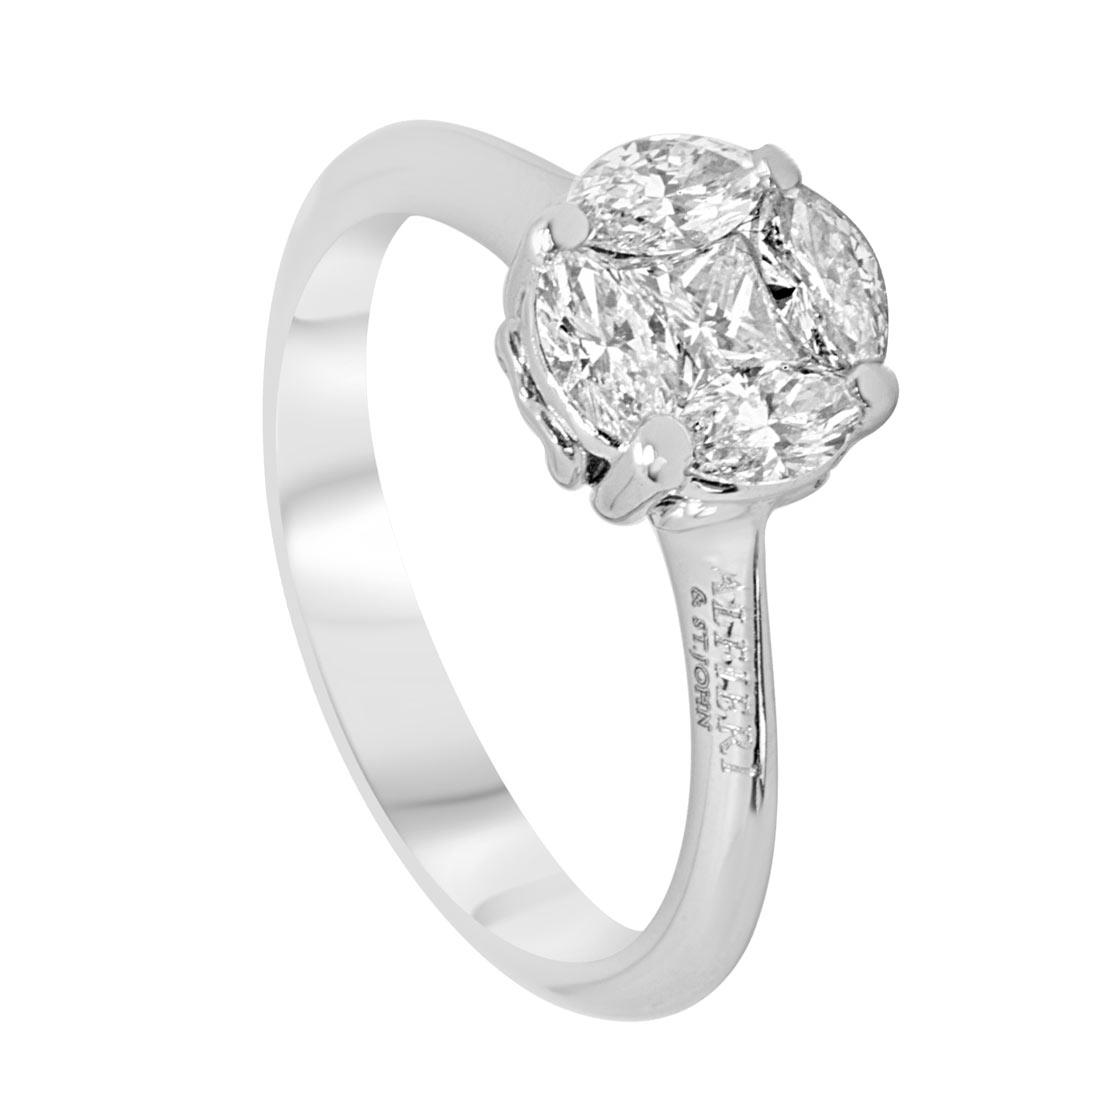 Anello solitario in oro bianco con diamanti 0,81 ct mis 13 - ALFIERI & ST. JOHN